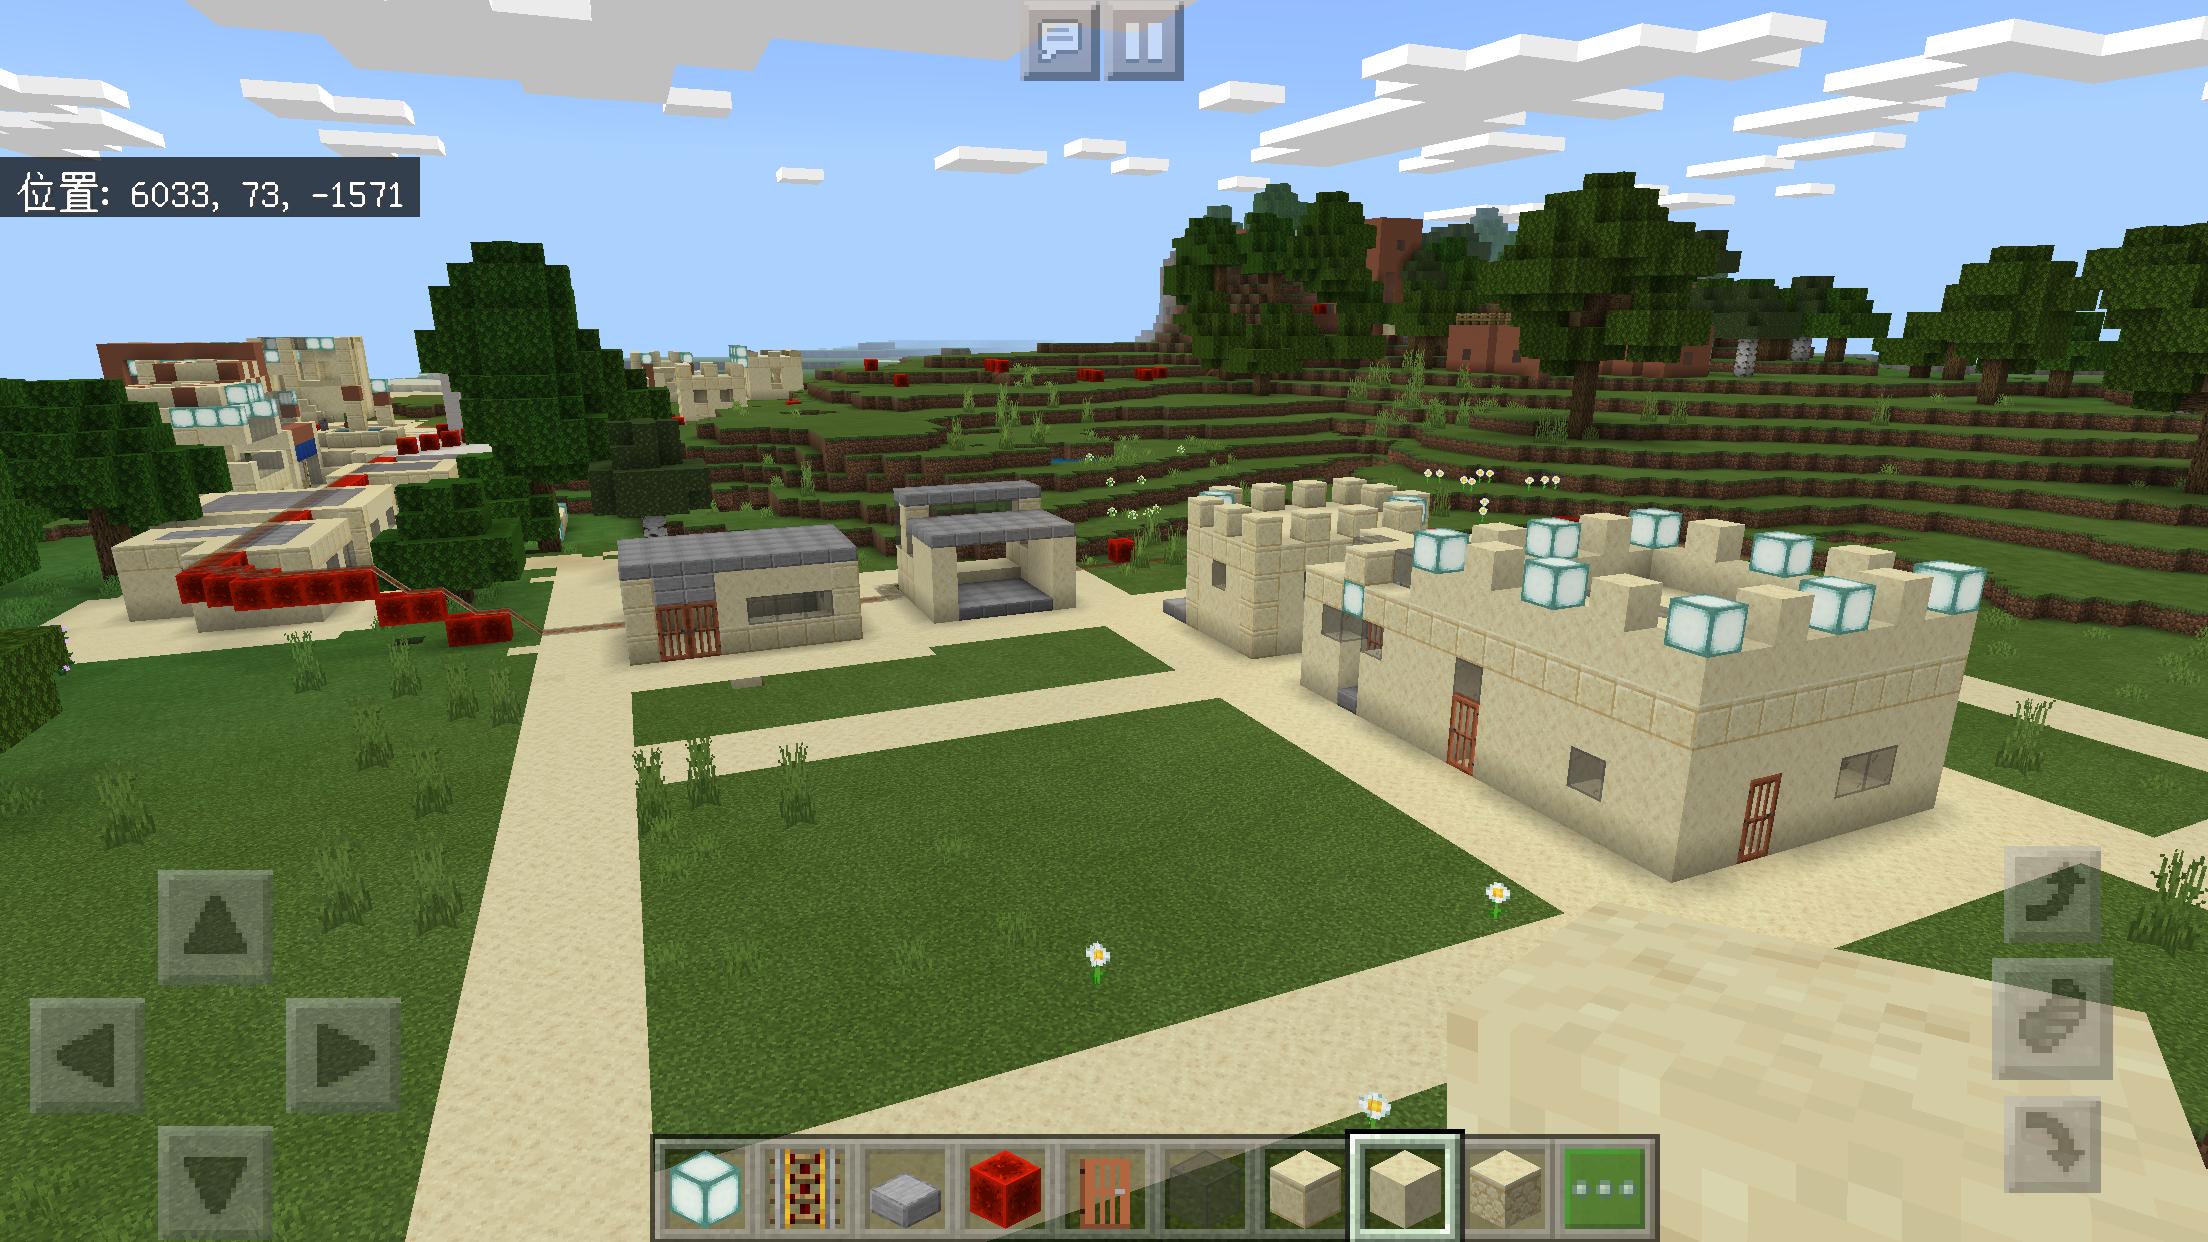 f:id:Minecraftkun:20200301152044p:image